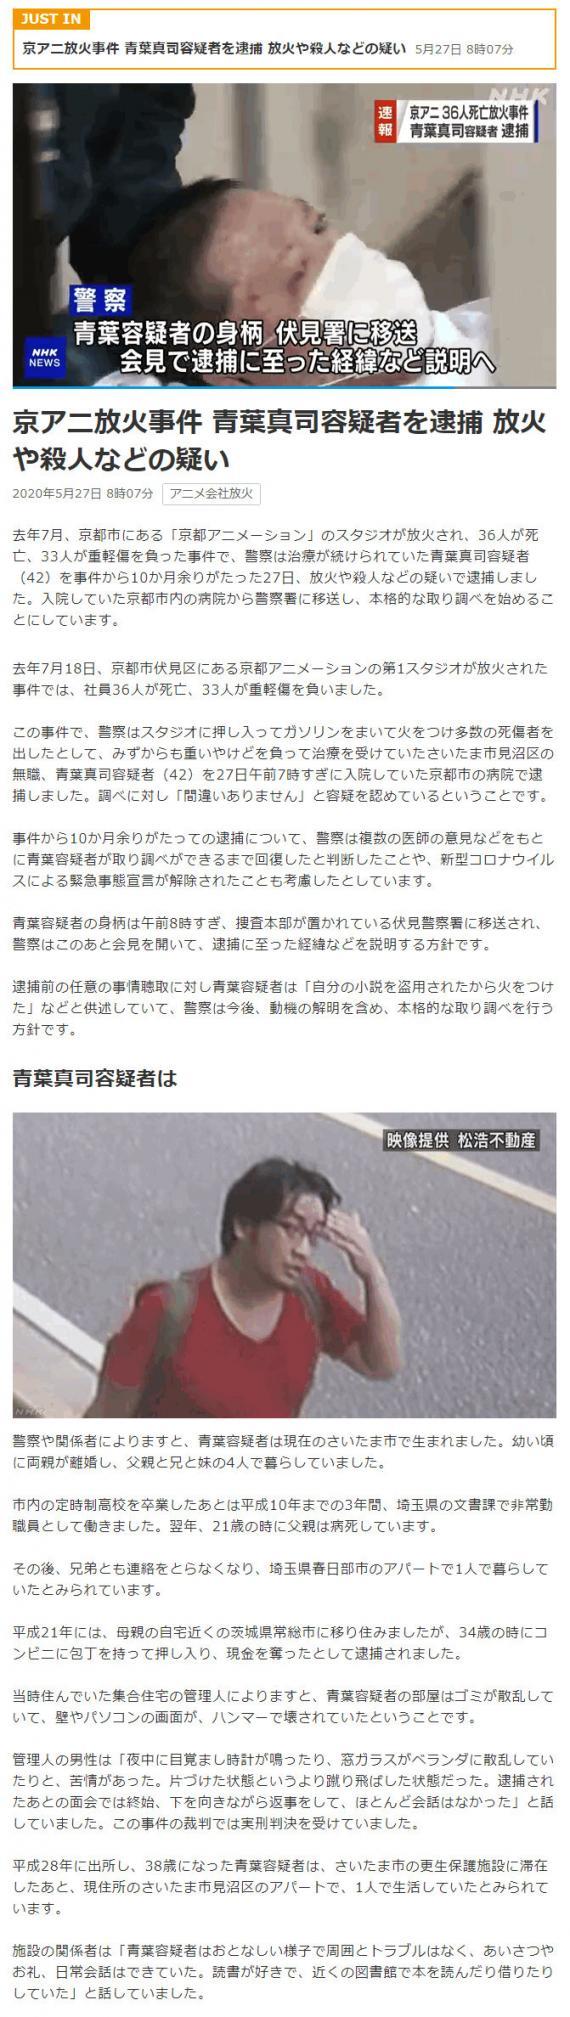 京阿尼纵火案嫌疑人青叶真司 今日正式被逮捕